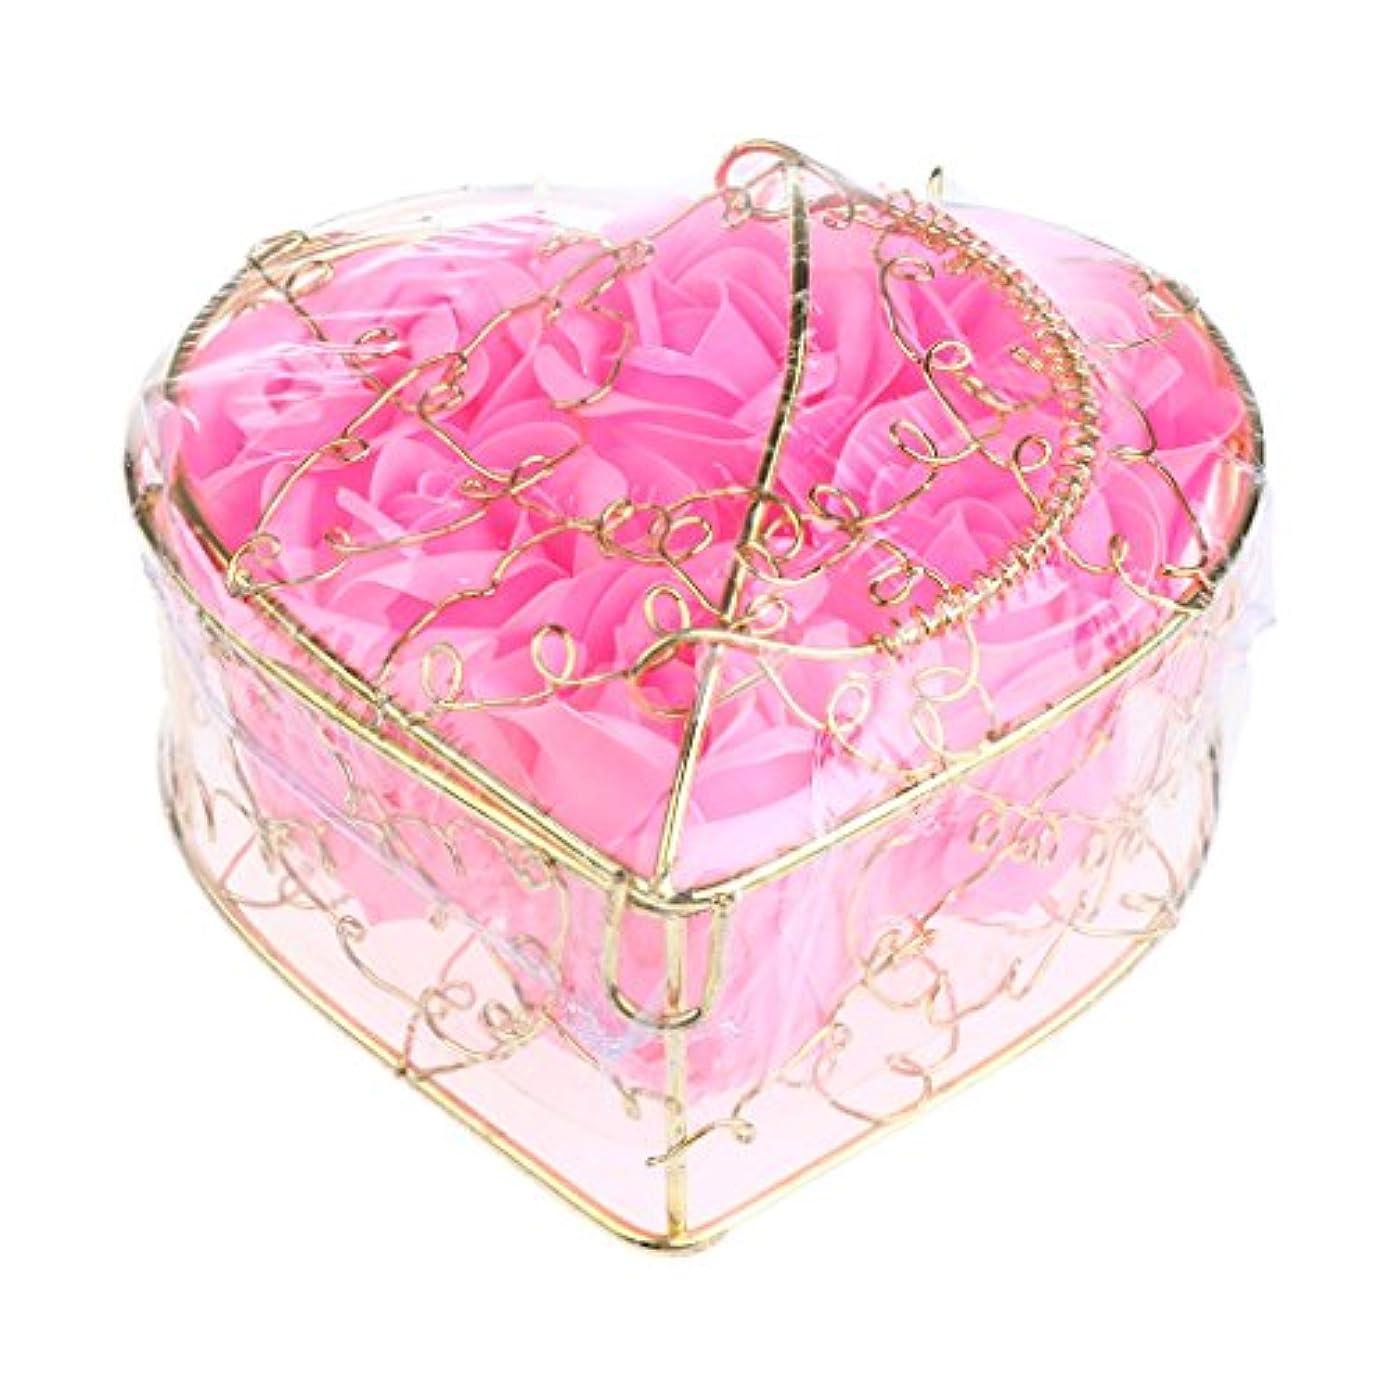 前書き敗北どういたしまして6個 石鹸の花 バラ 石鹸の花びら 母の日 ギフトボックス ロマンチック 全5タイプ選べる - ピンク